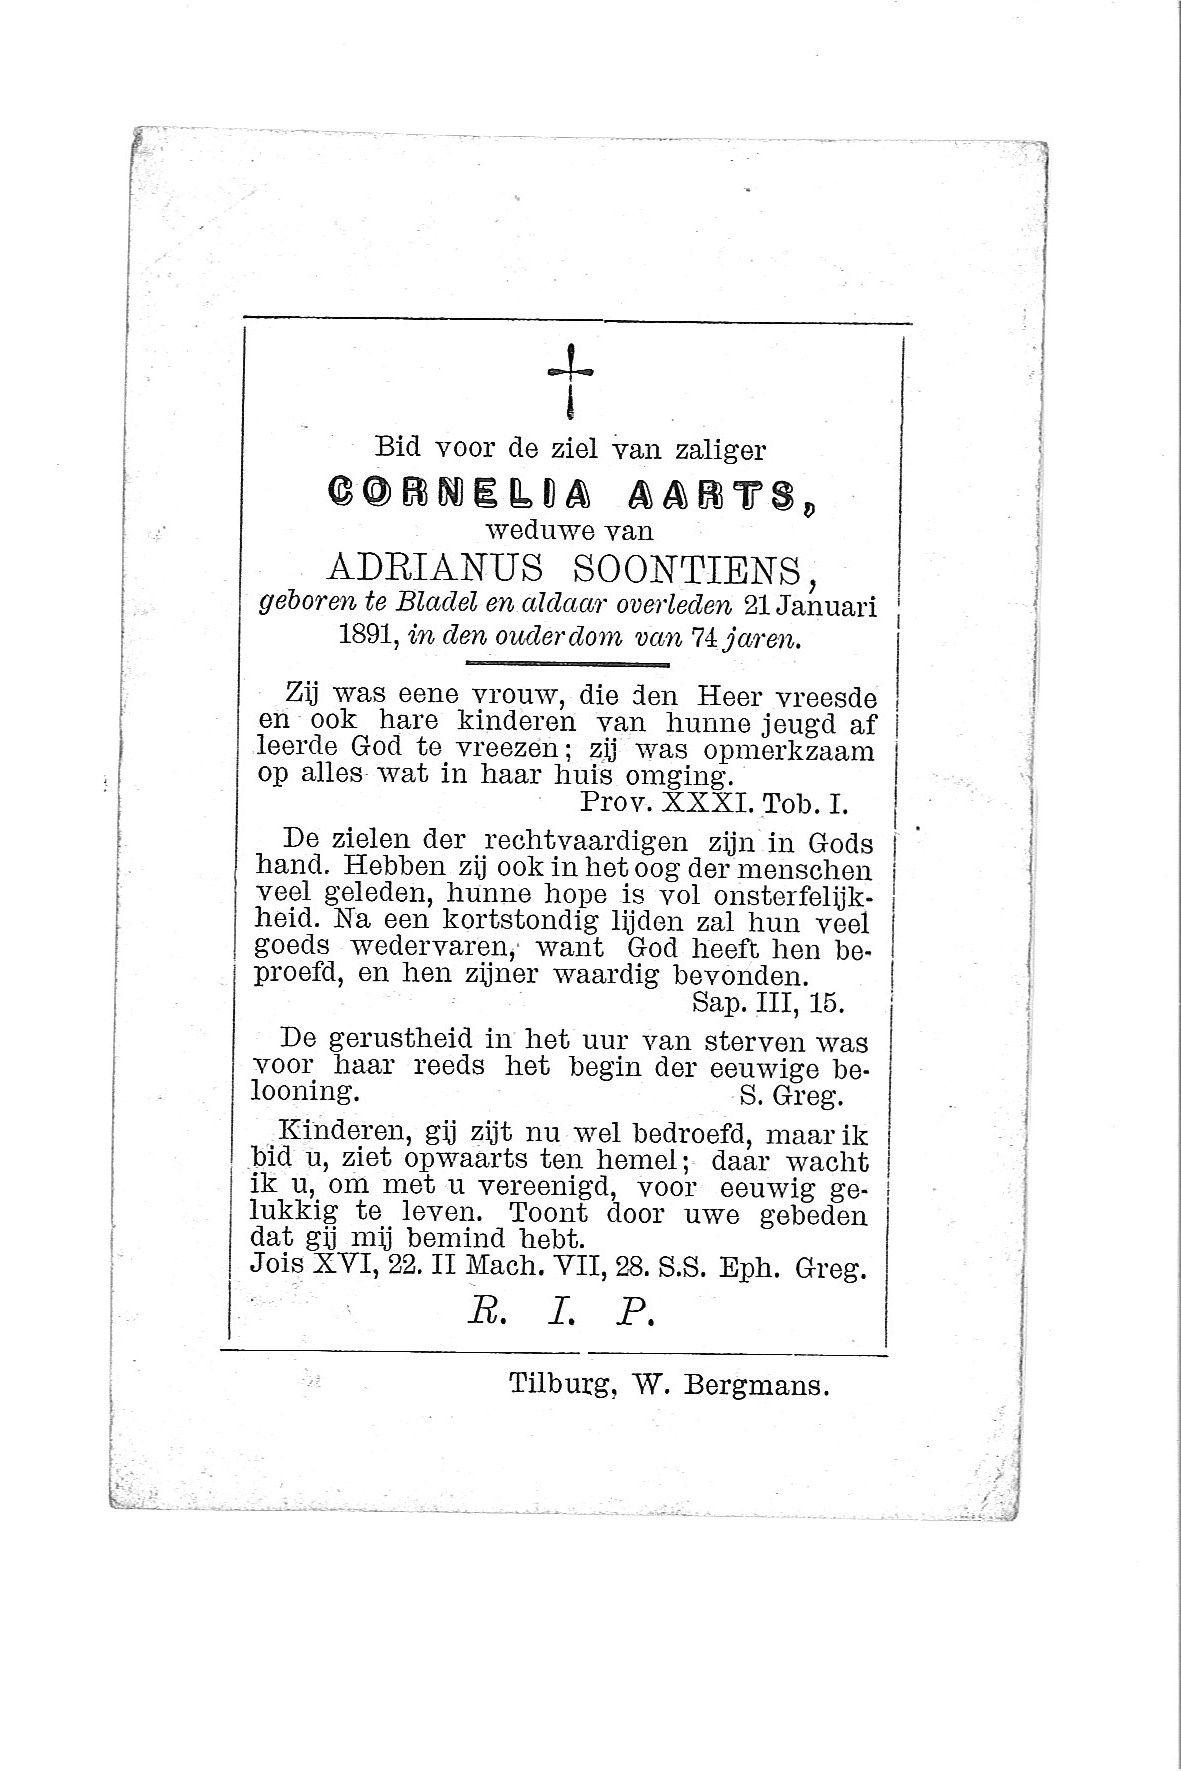 cornelia(1891)20090129111146_00001.jpg